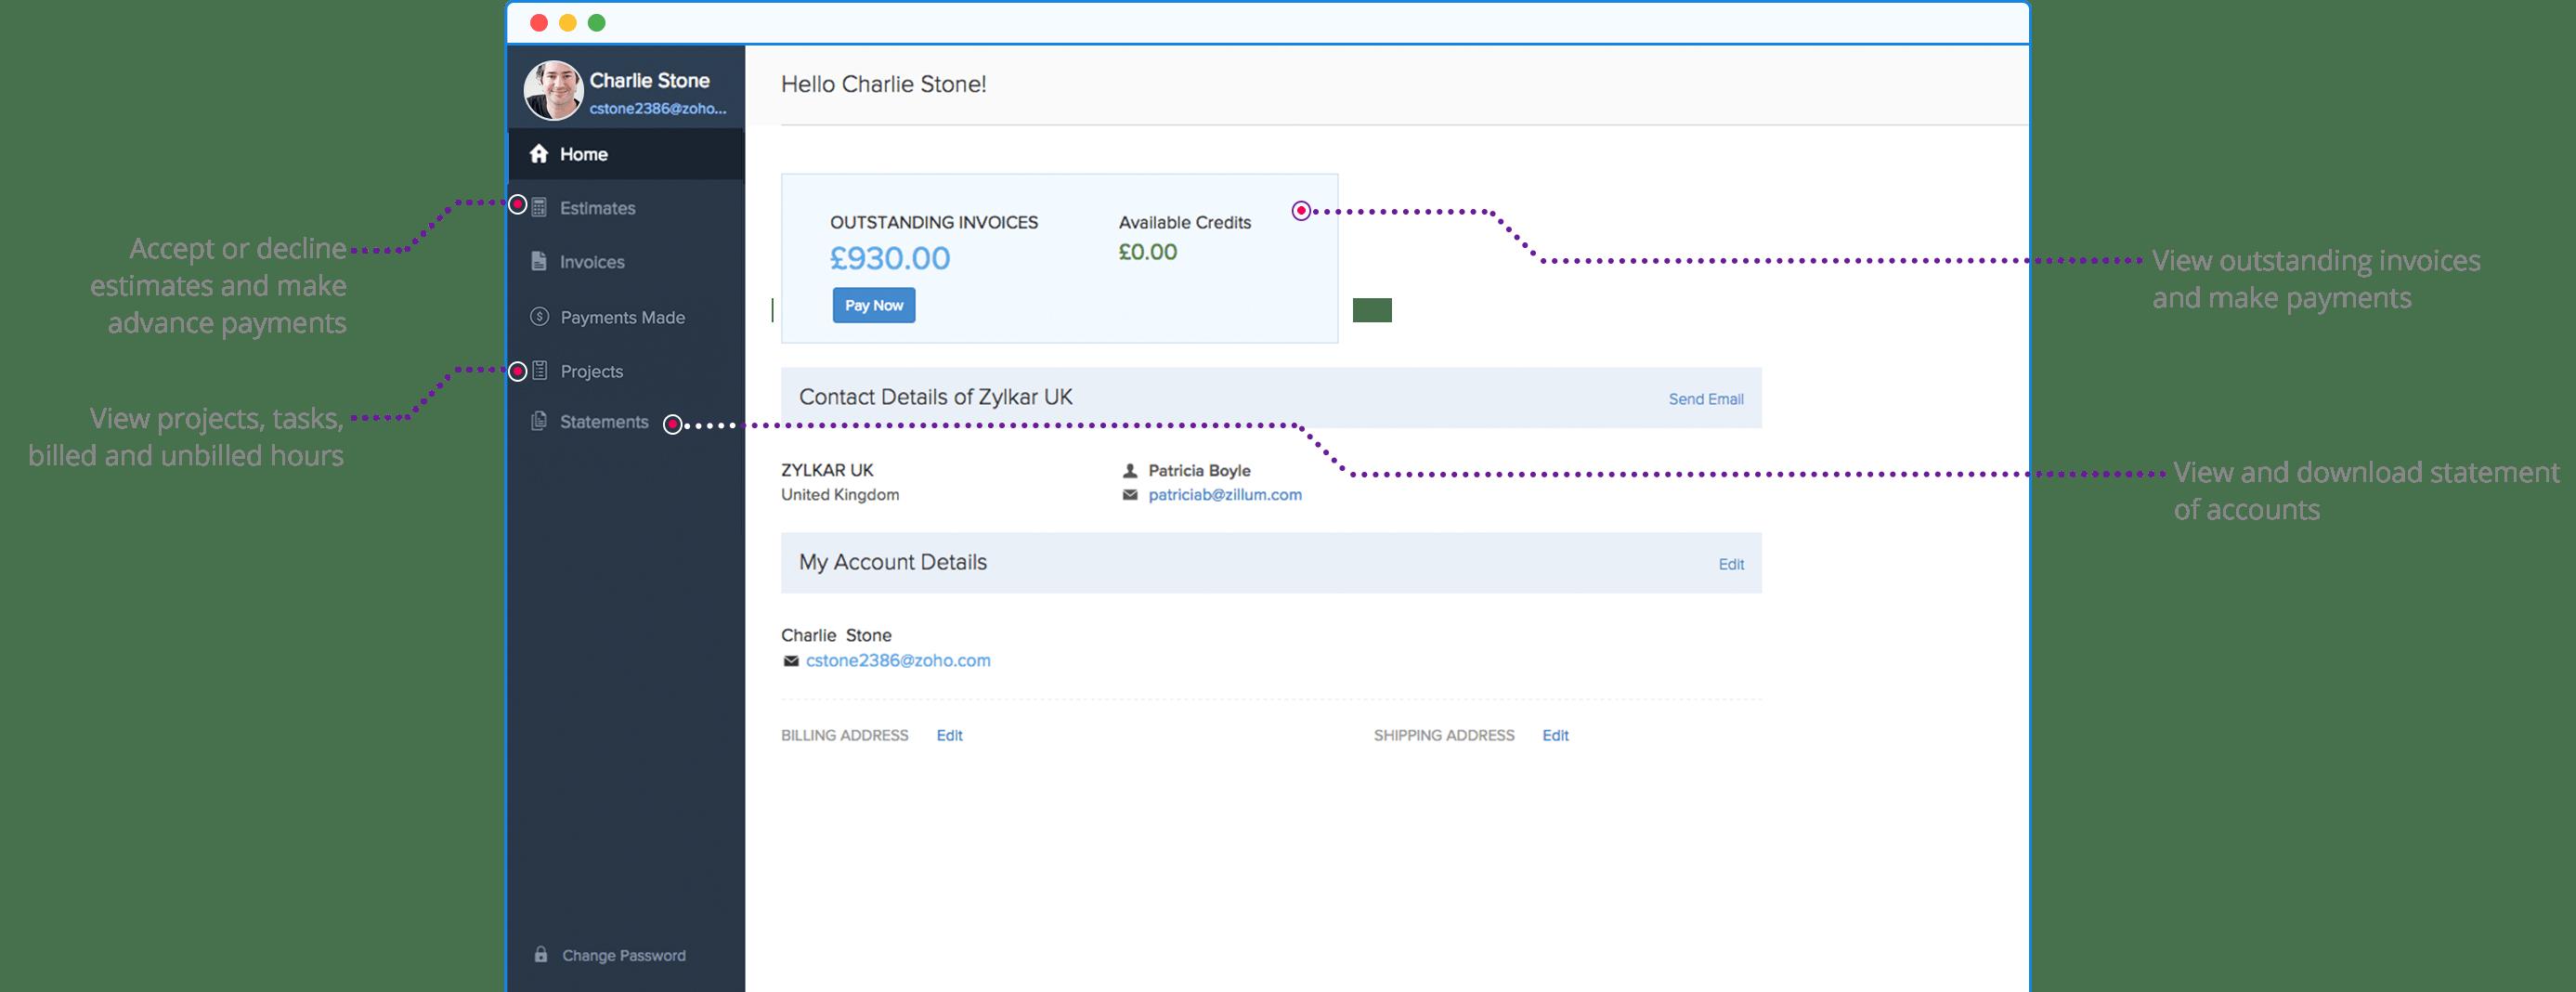 Online Client Portal - Zoho Invoice